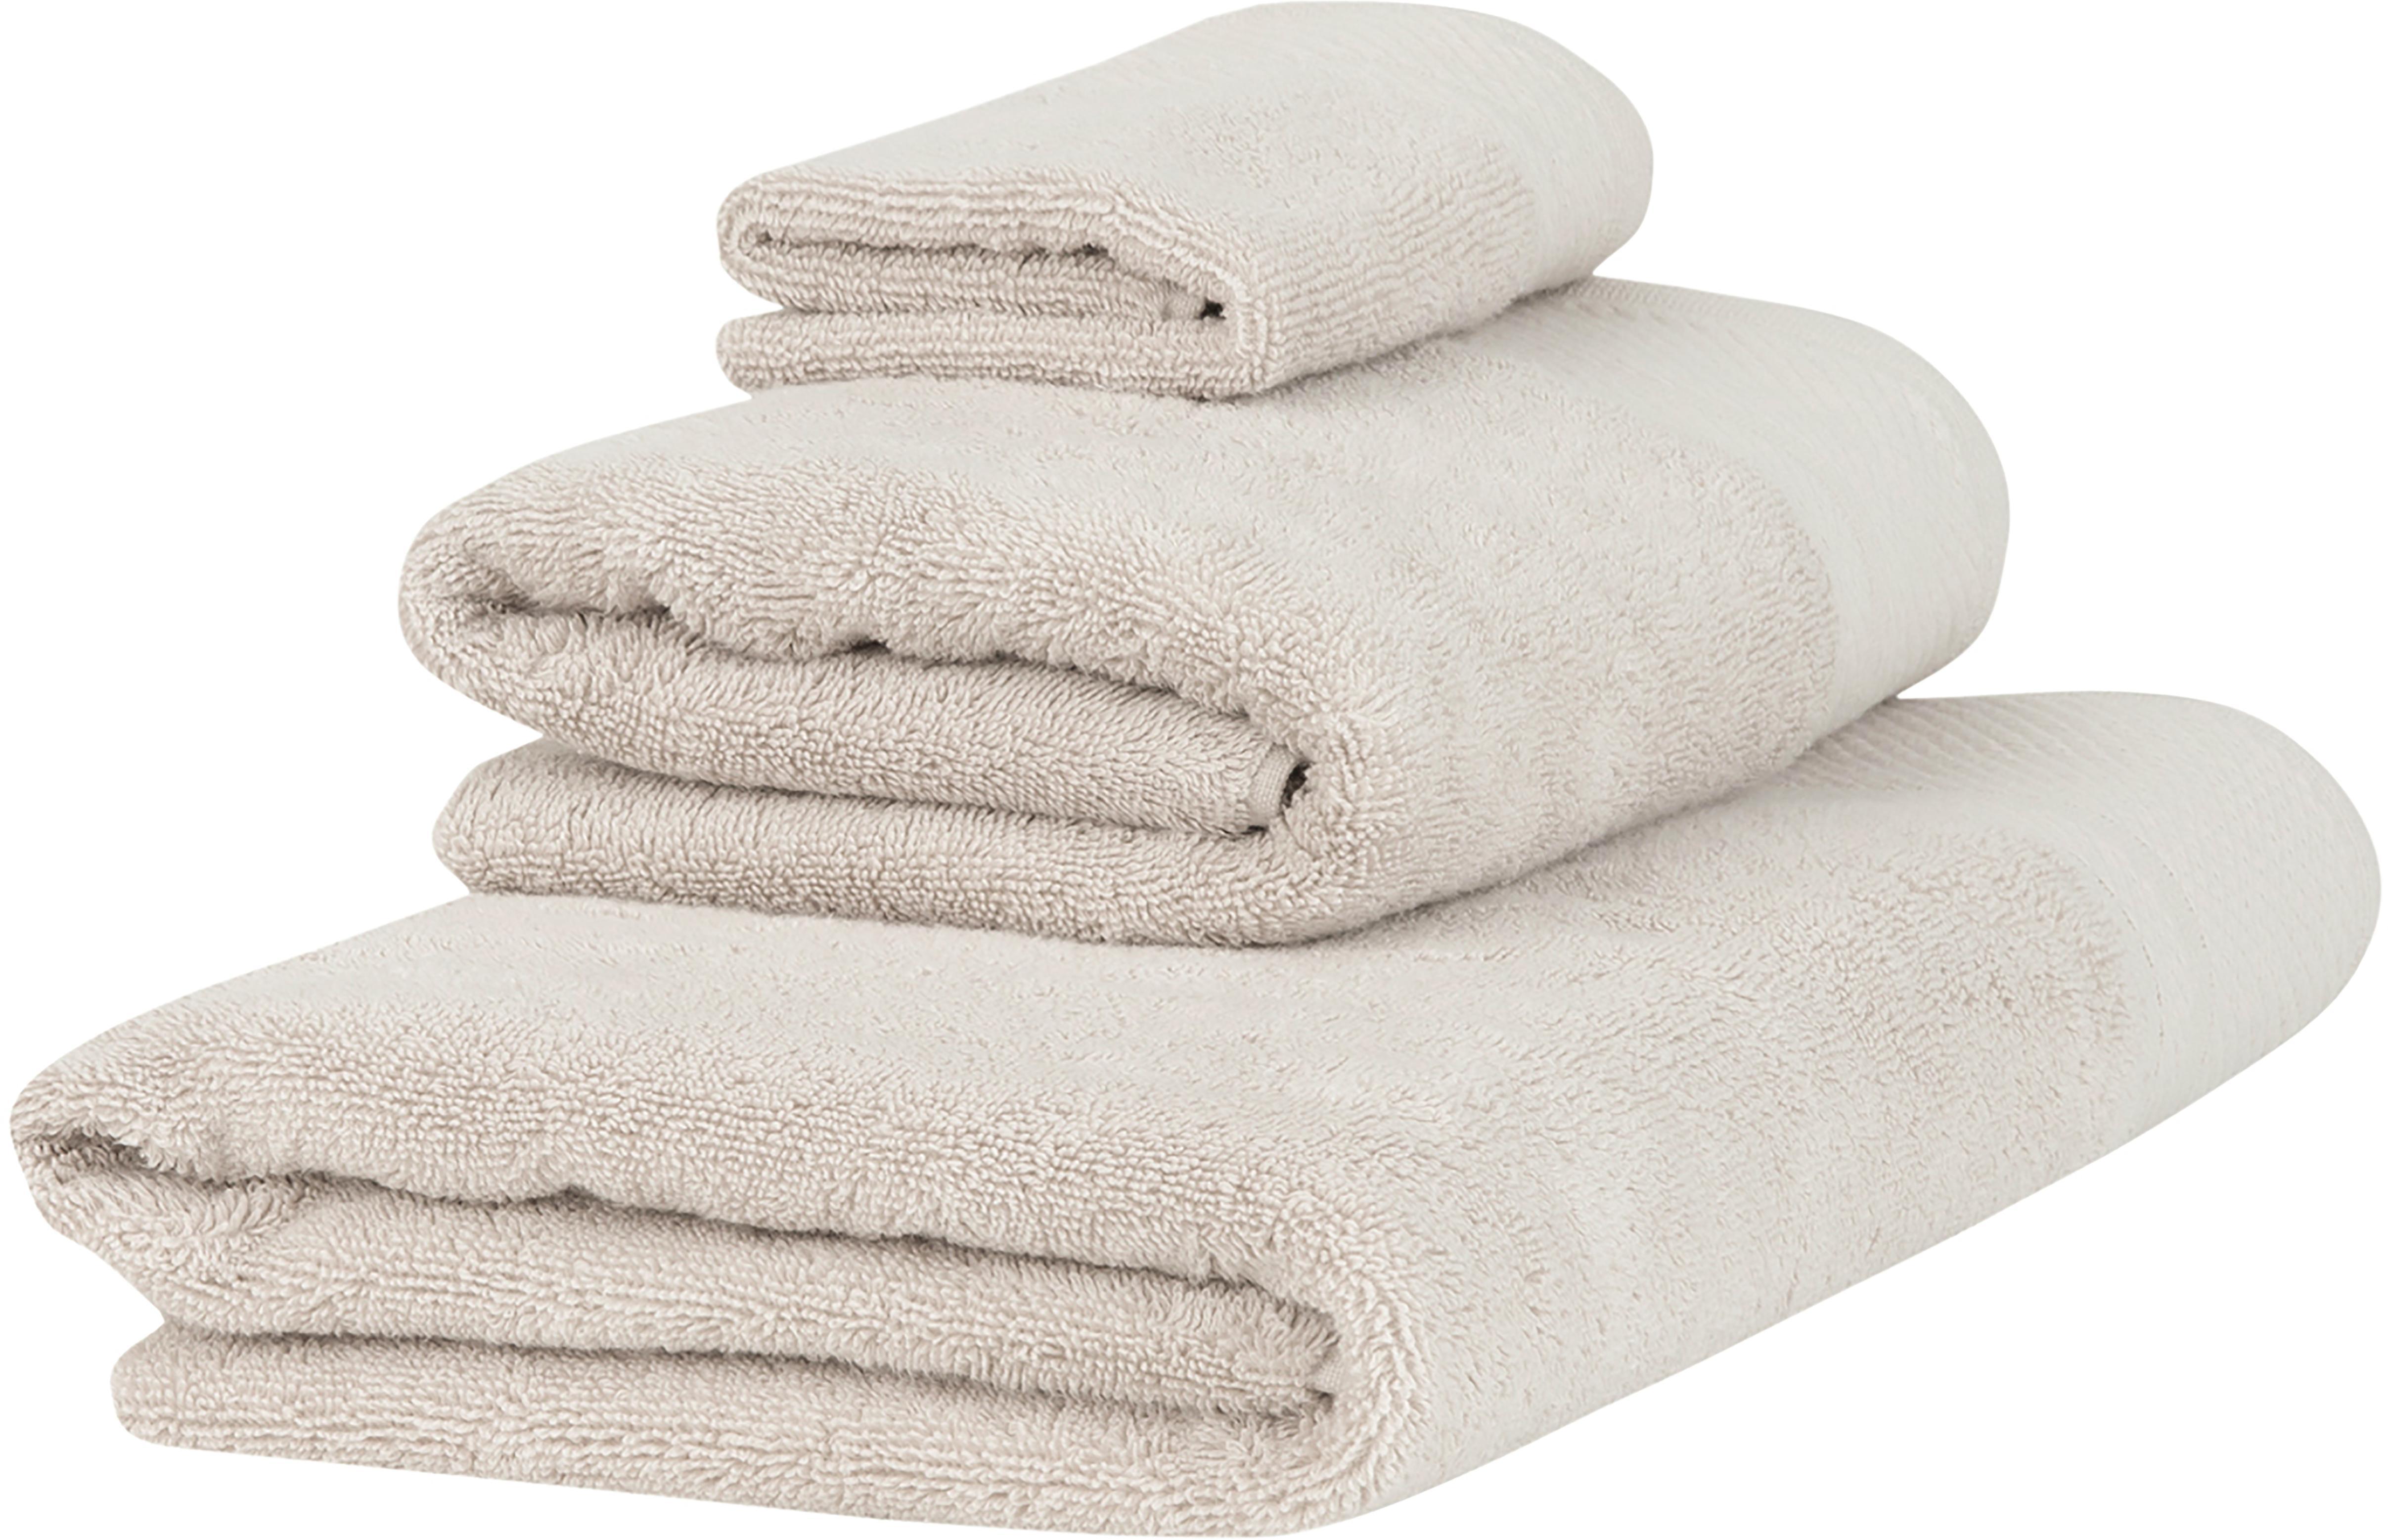 Handtuch-Set Premium mit klassischer Zierbordüre, 3-tlg., Beige, Set mit verschiedenen Größen